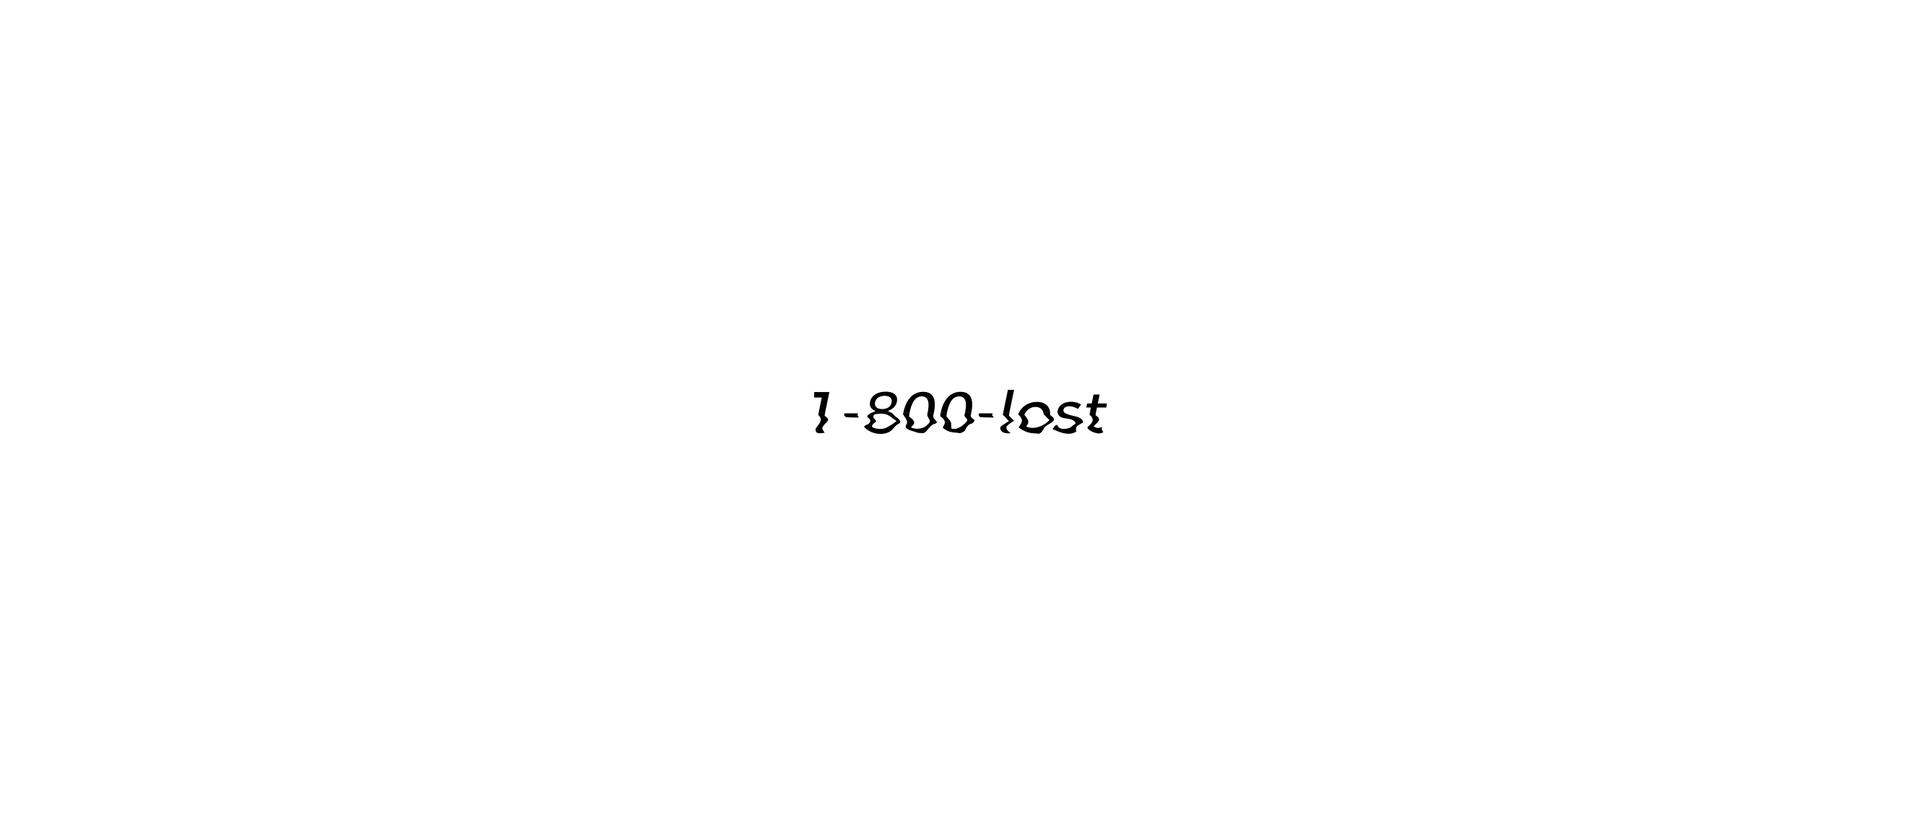 Aed7ec5e cda0 4573 8261 593261151817